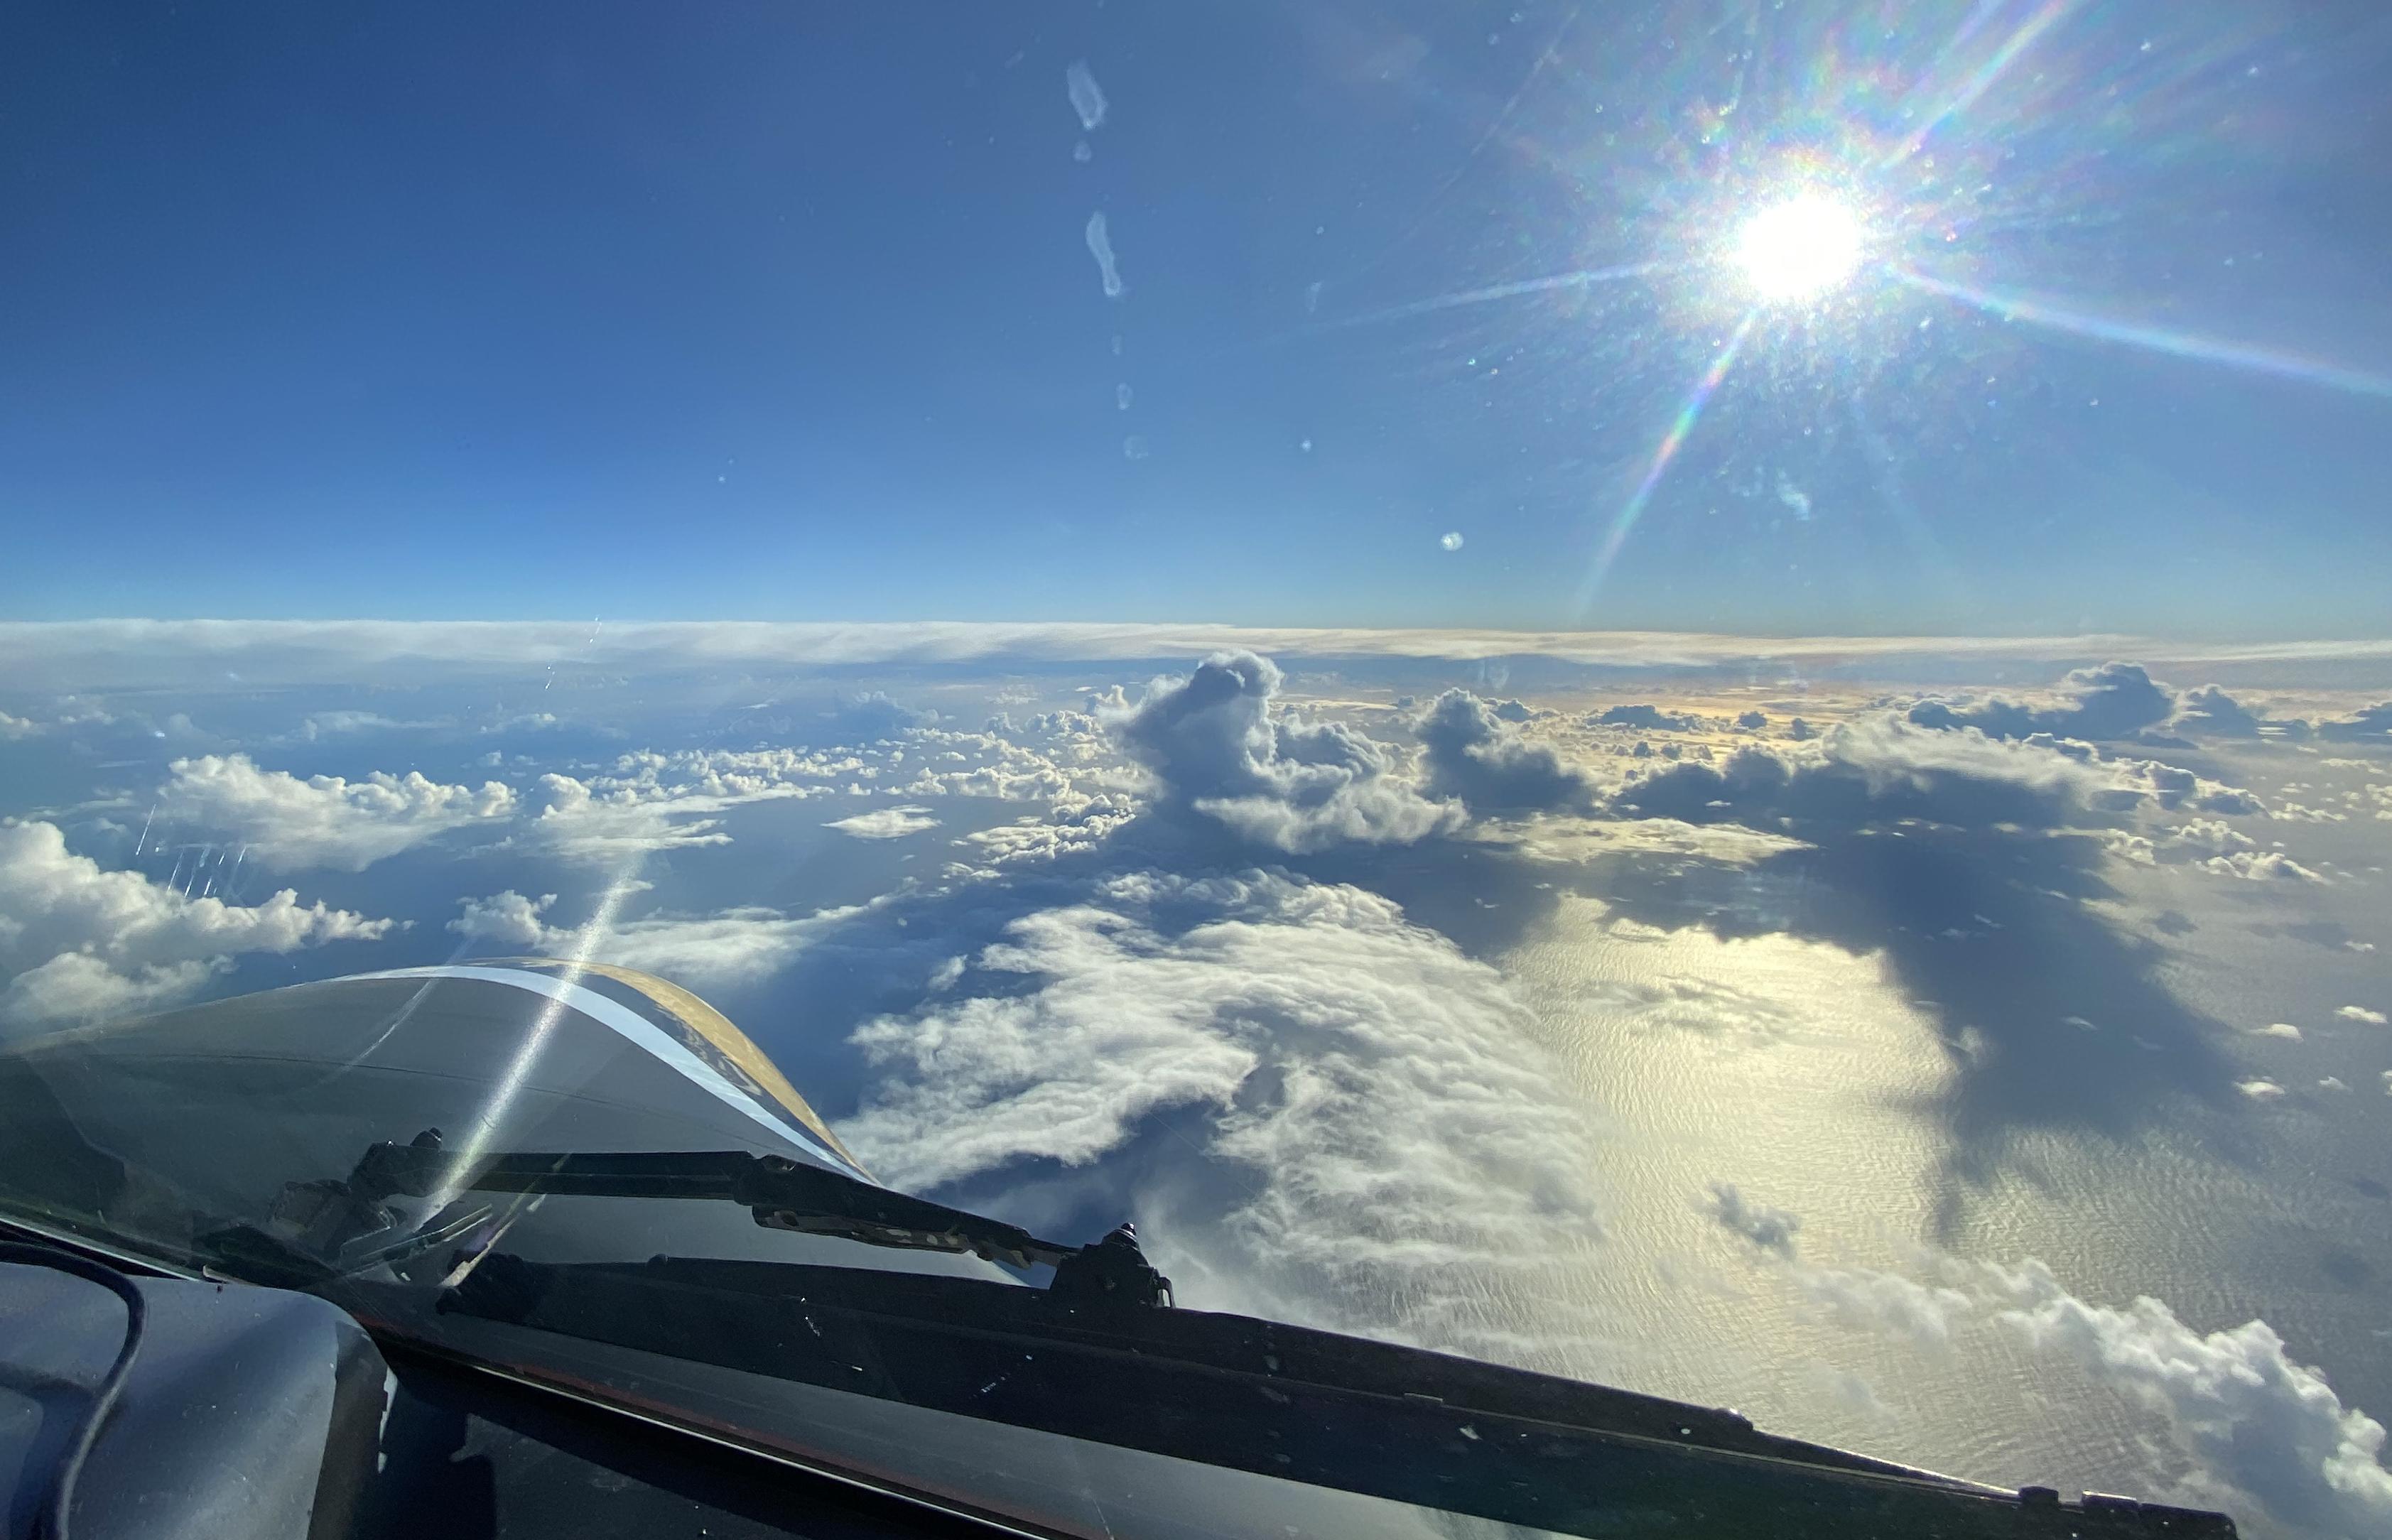 De F27 Excalibur - Van Reykjavik naar Lelystad - blik vanuit de lucht